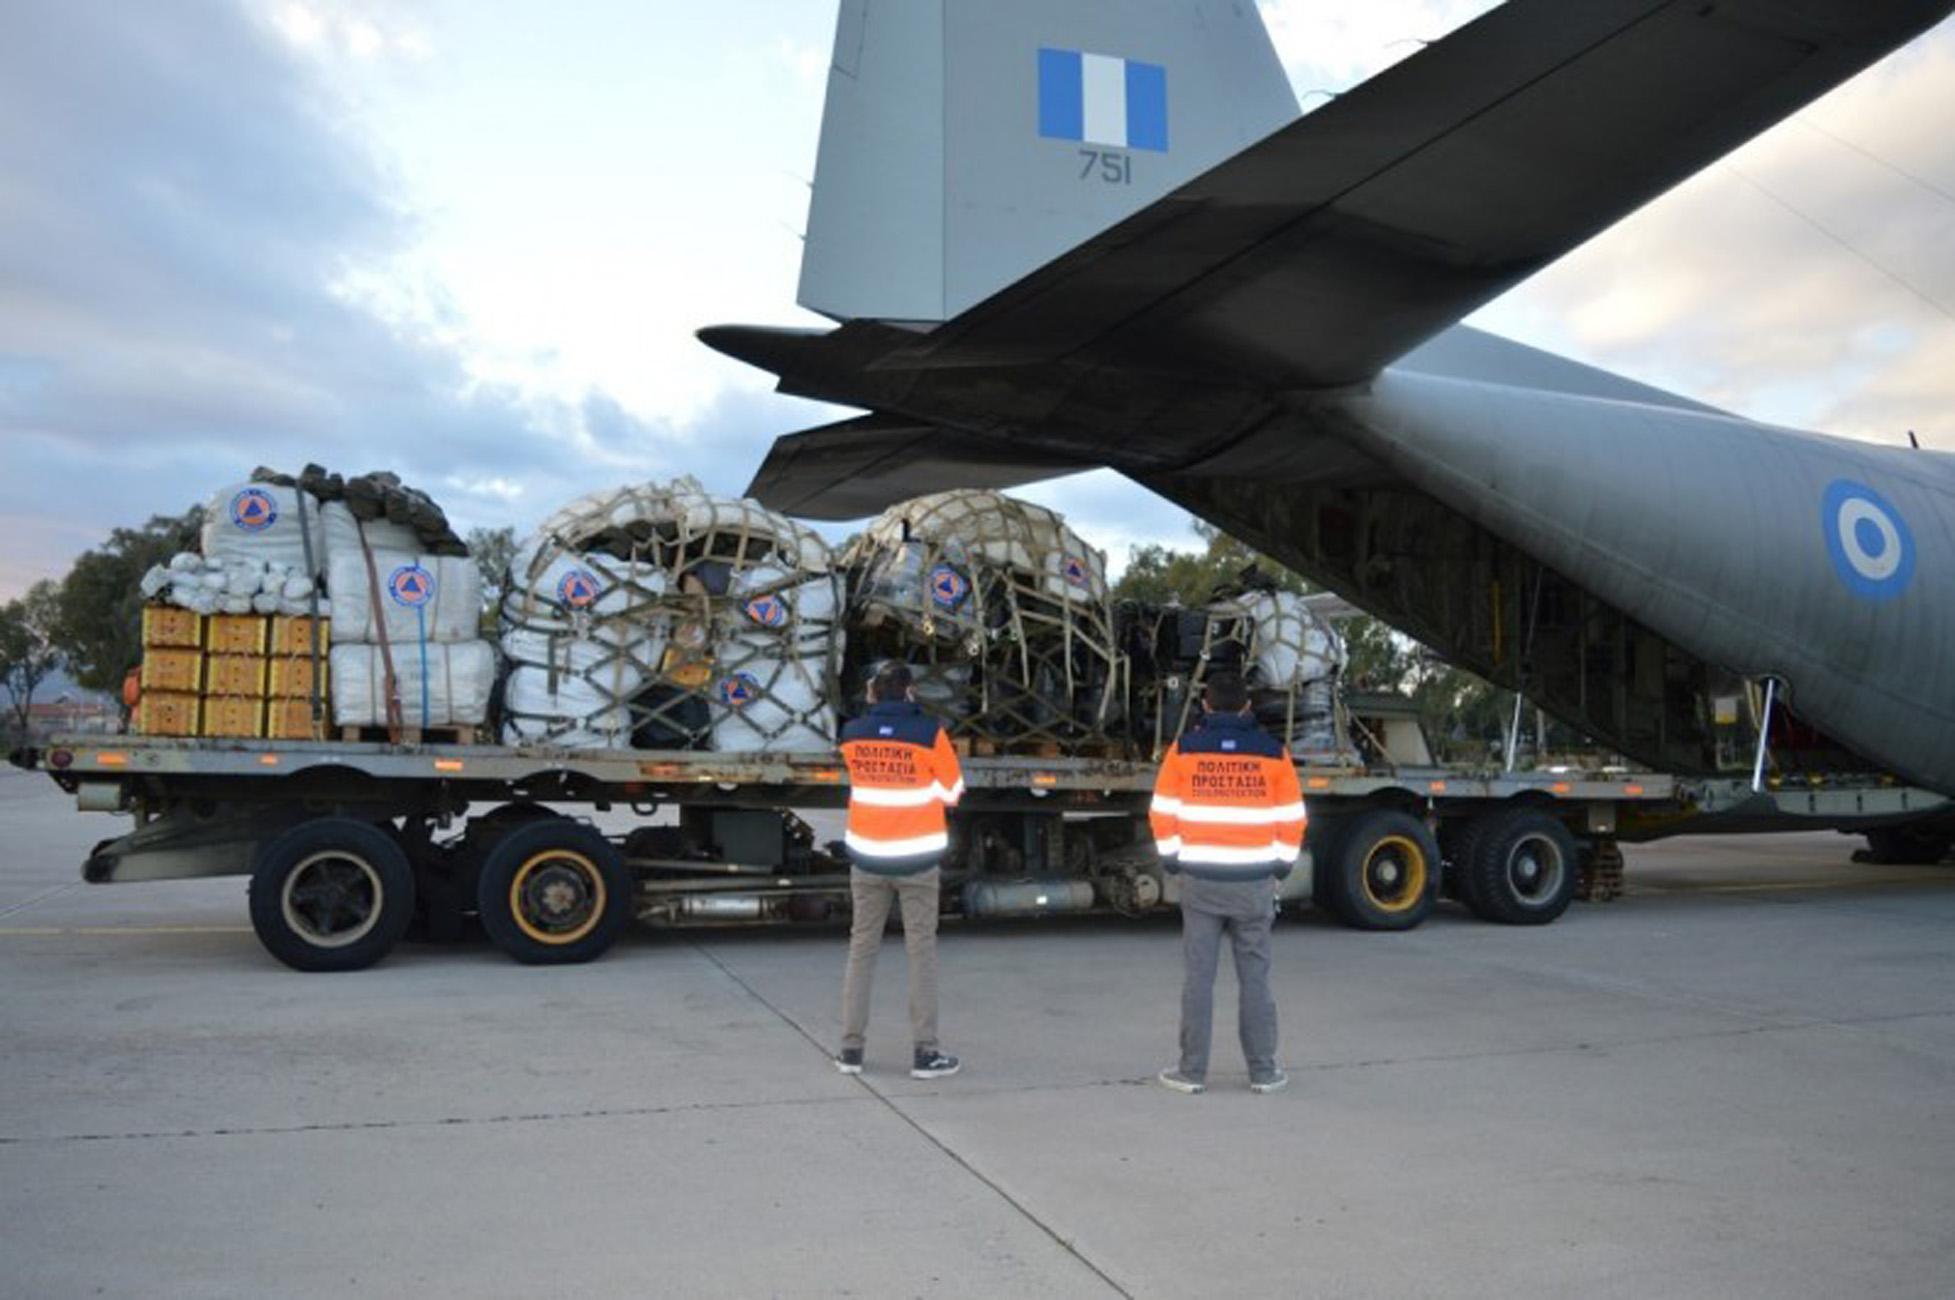 Κροατία: Έφτασε η ελληνική βοήθεια μετά τον καταστροφικό σεισμό